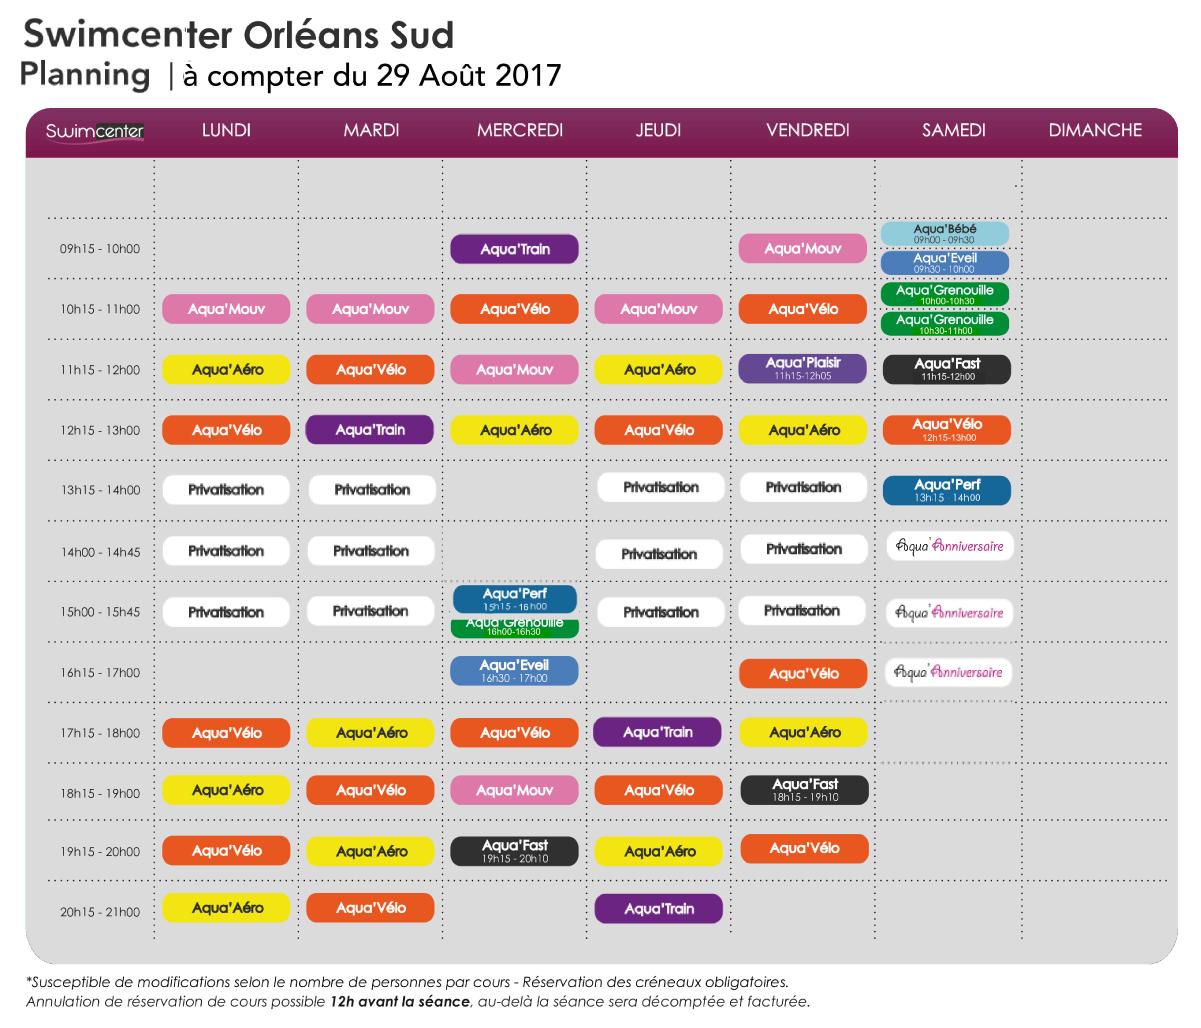 PlanningSwimcenterOrleanssud_partir_29_aout_2017